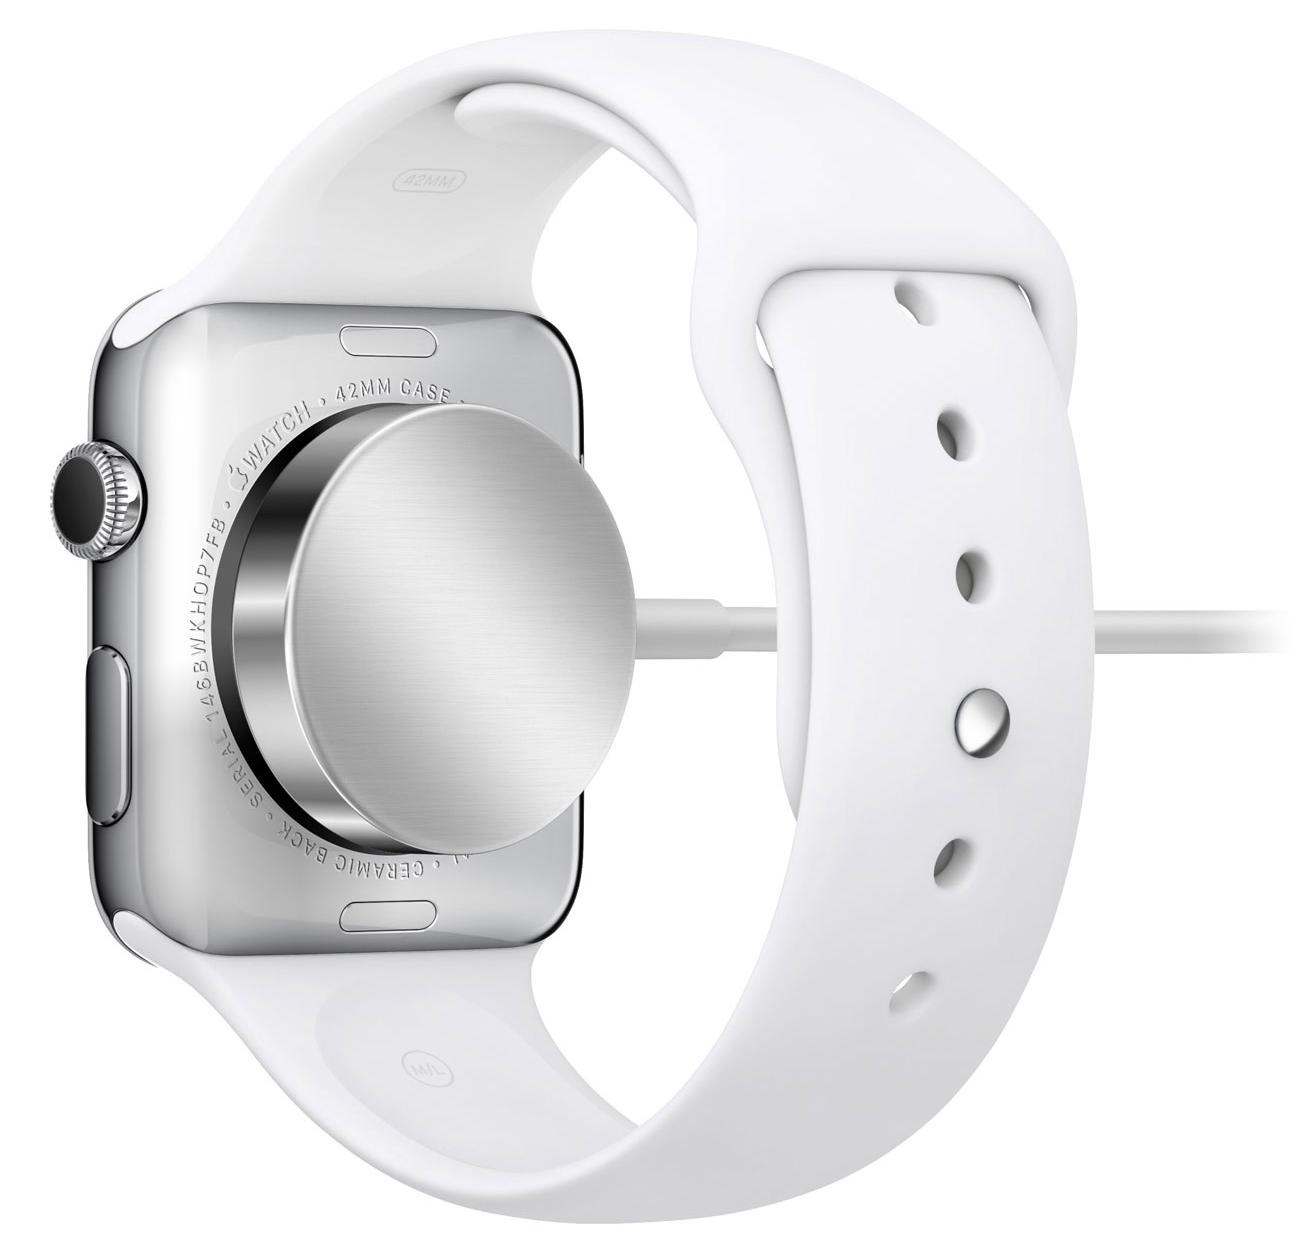 Cargando el Apple Watch inalámbricamente